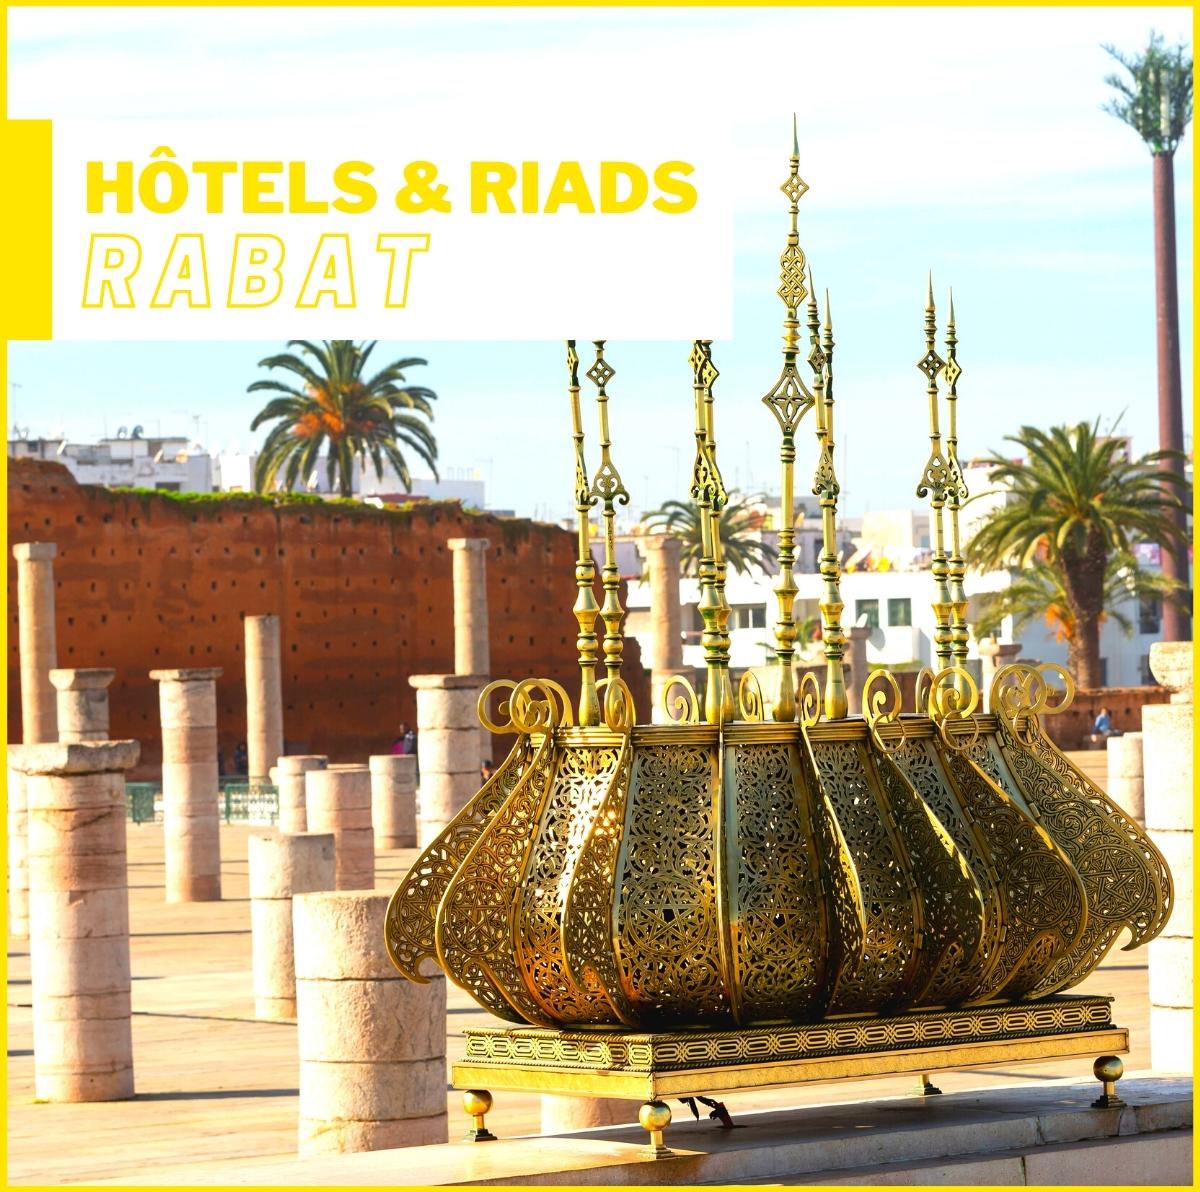 Hôtels et Riads à Rabat